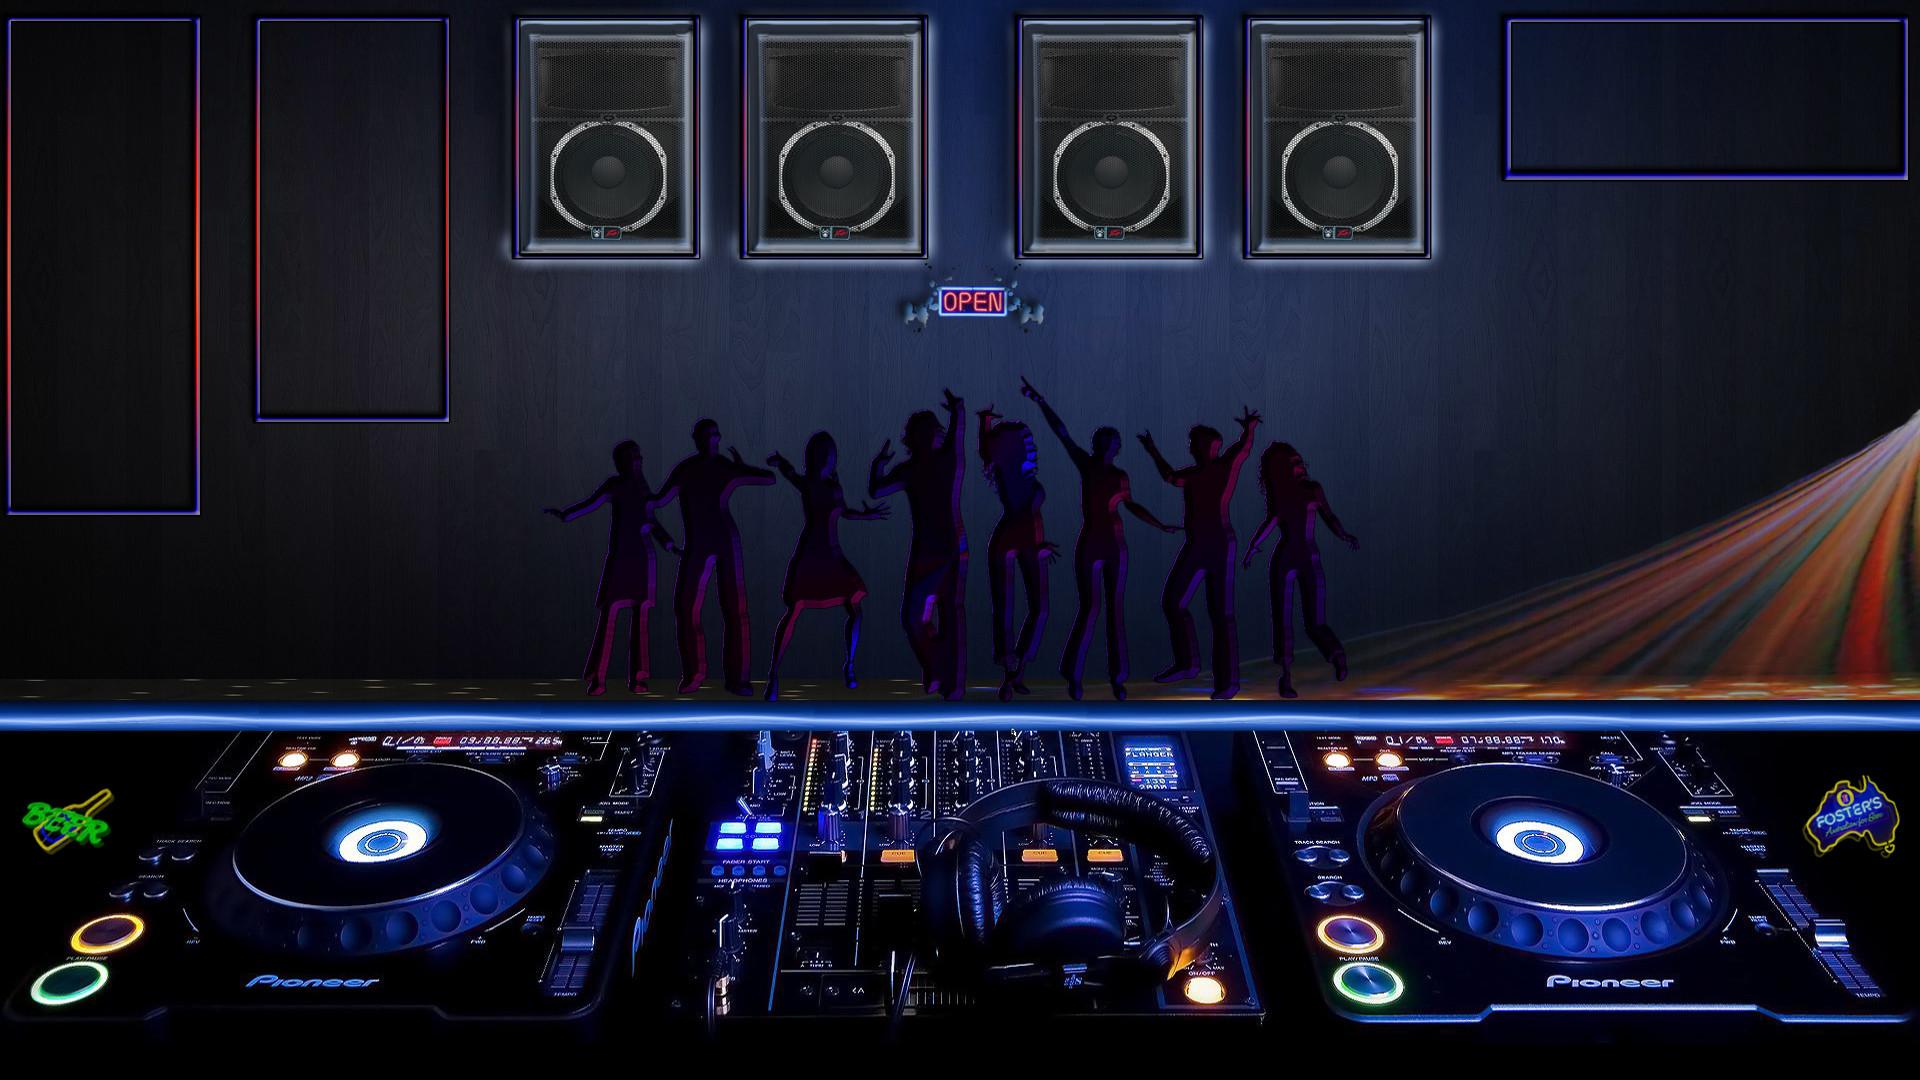 Laptop Dj tiesto Wallpapers HD, Desktop Backgrounds 1600×1200 DJ Wallpapers  1366×768